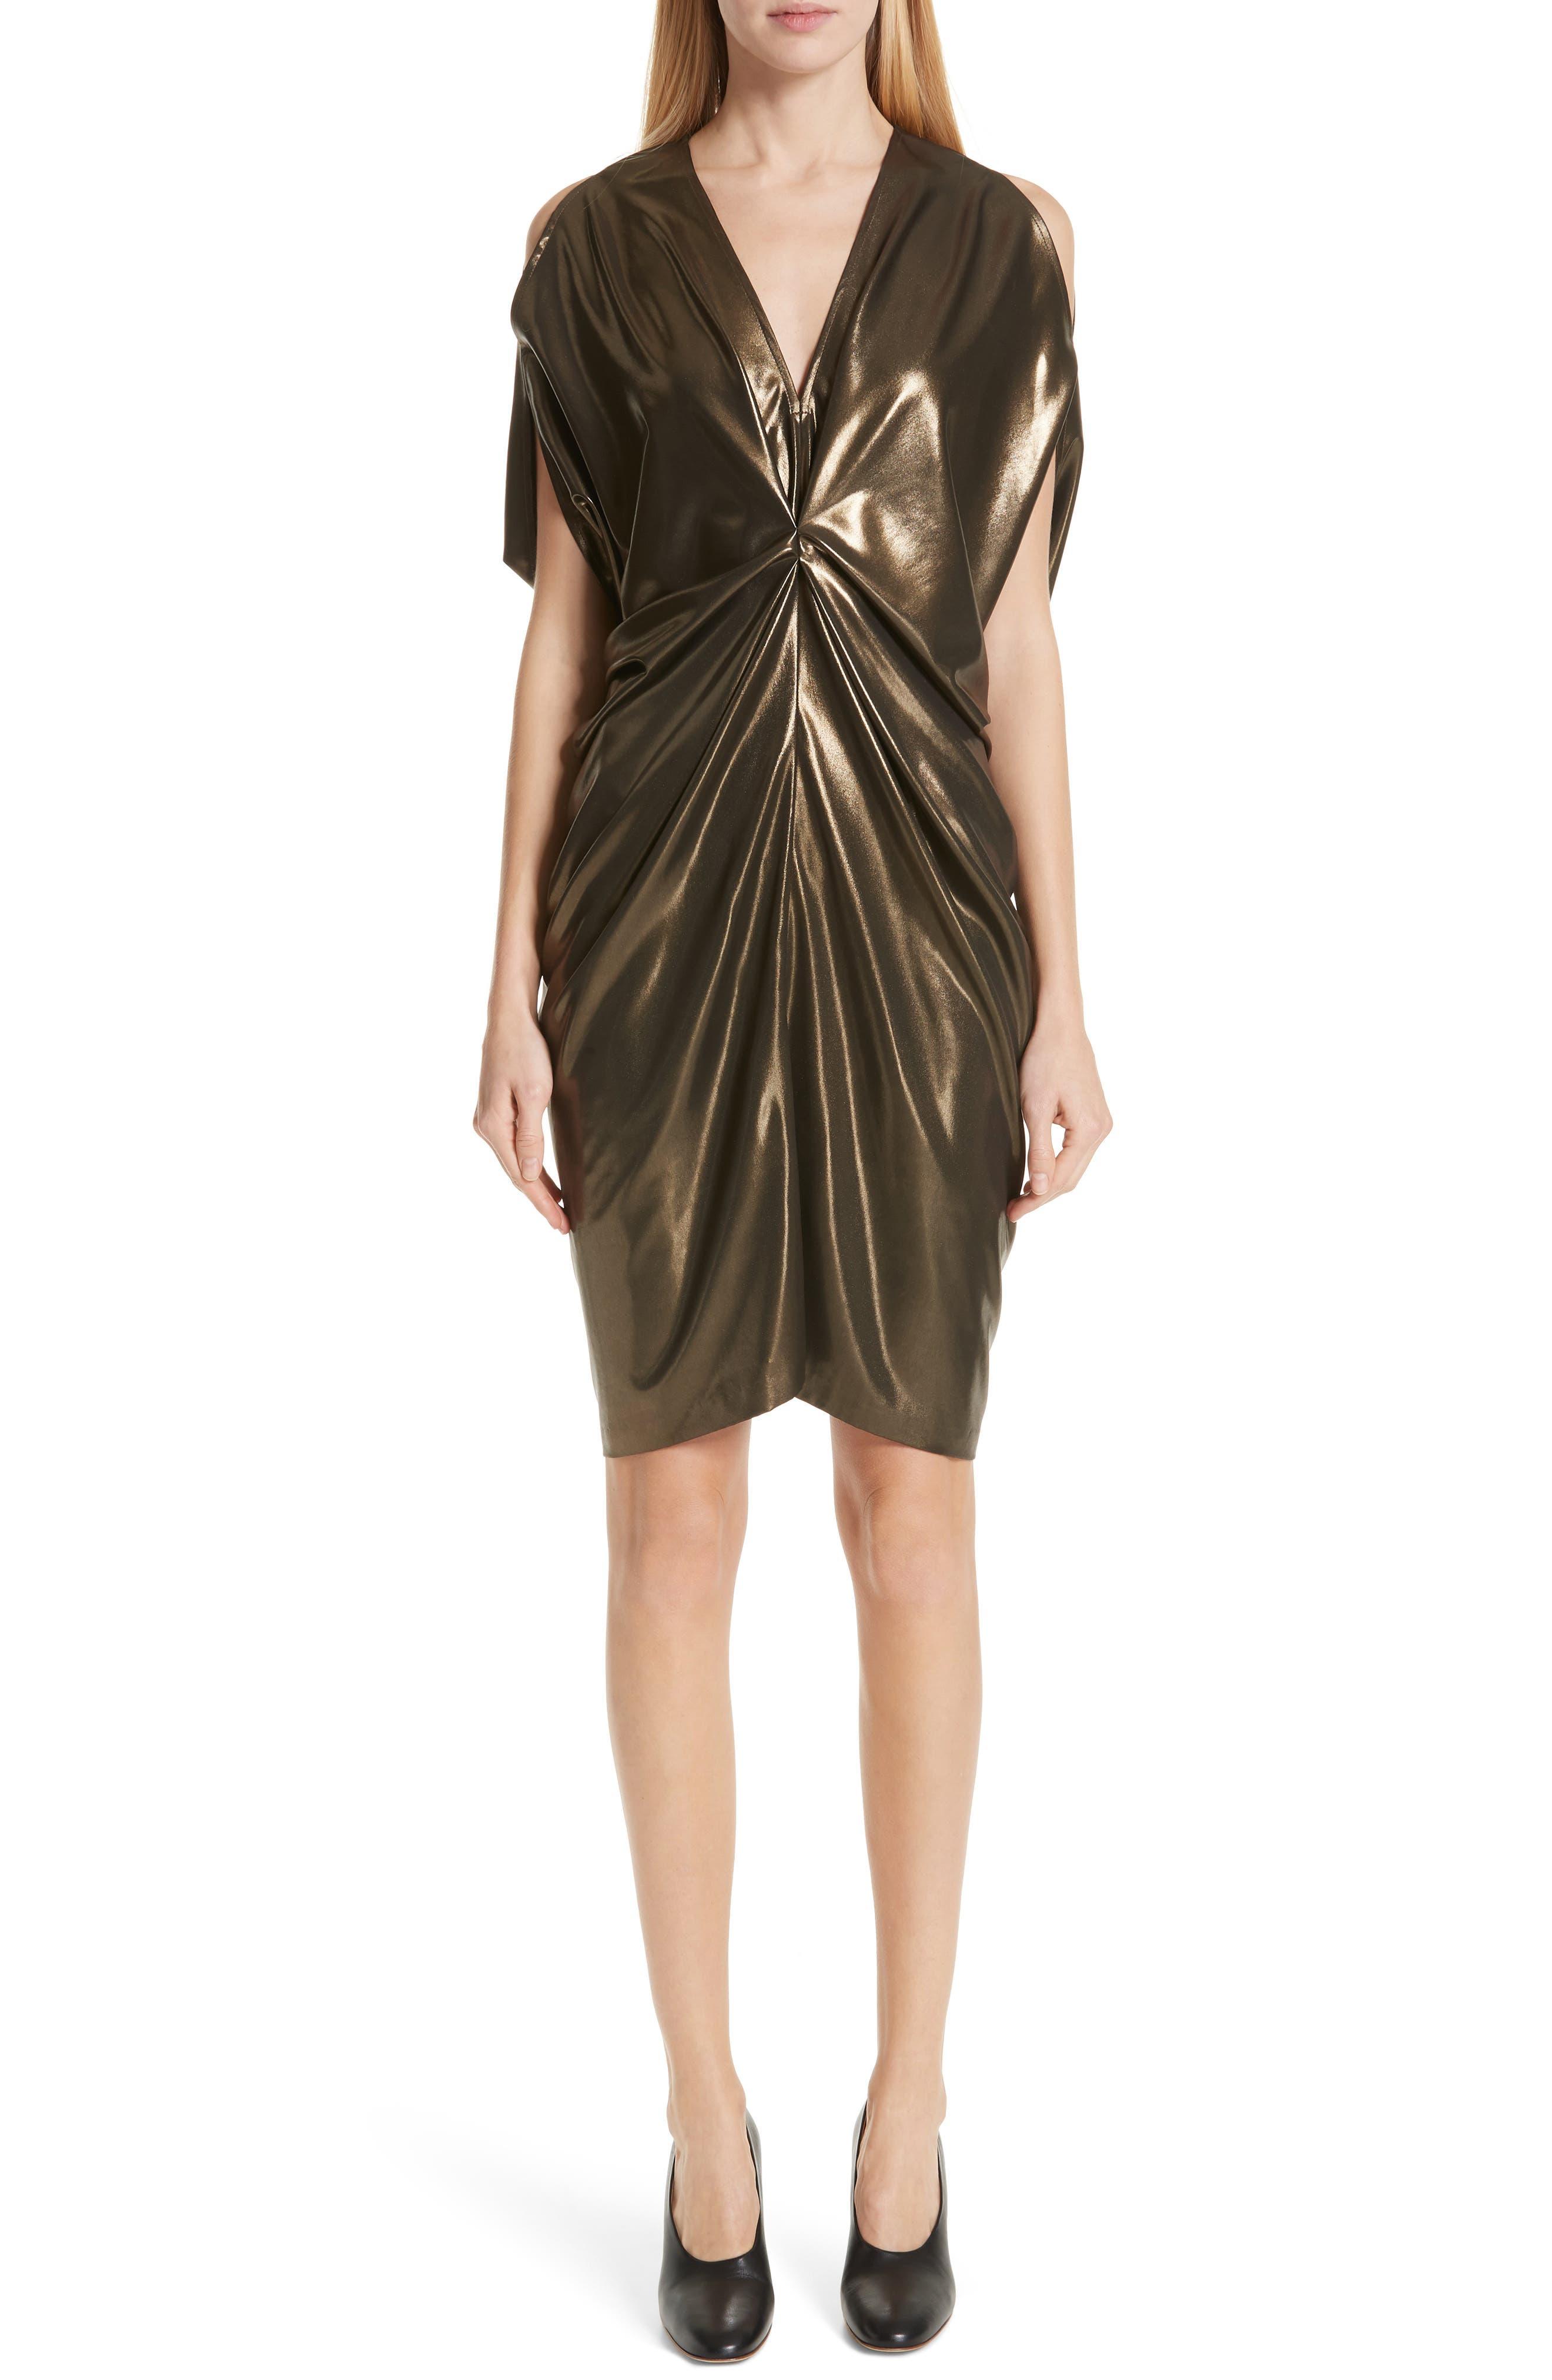 Zero + Maria Cornejo Gathered Metallic Dress